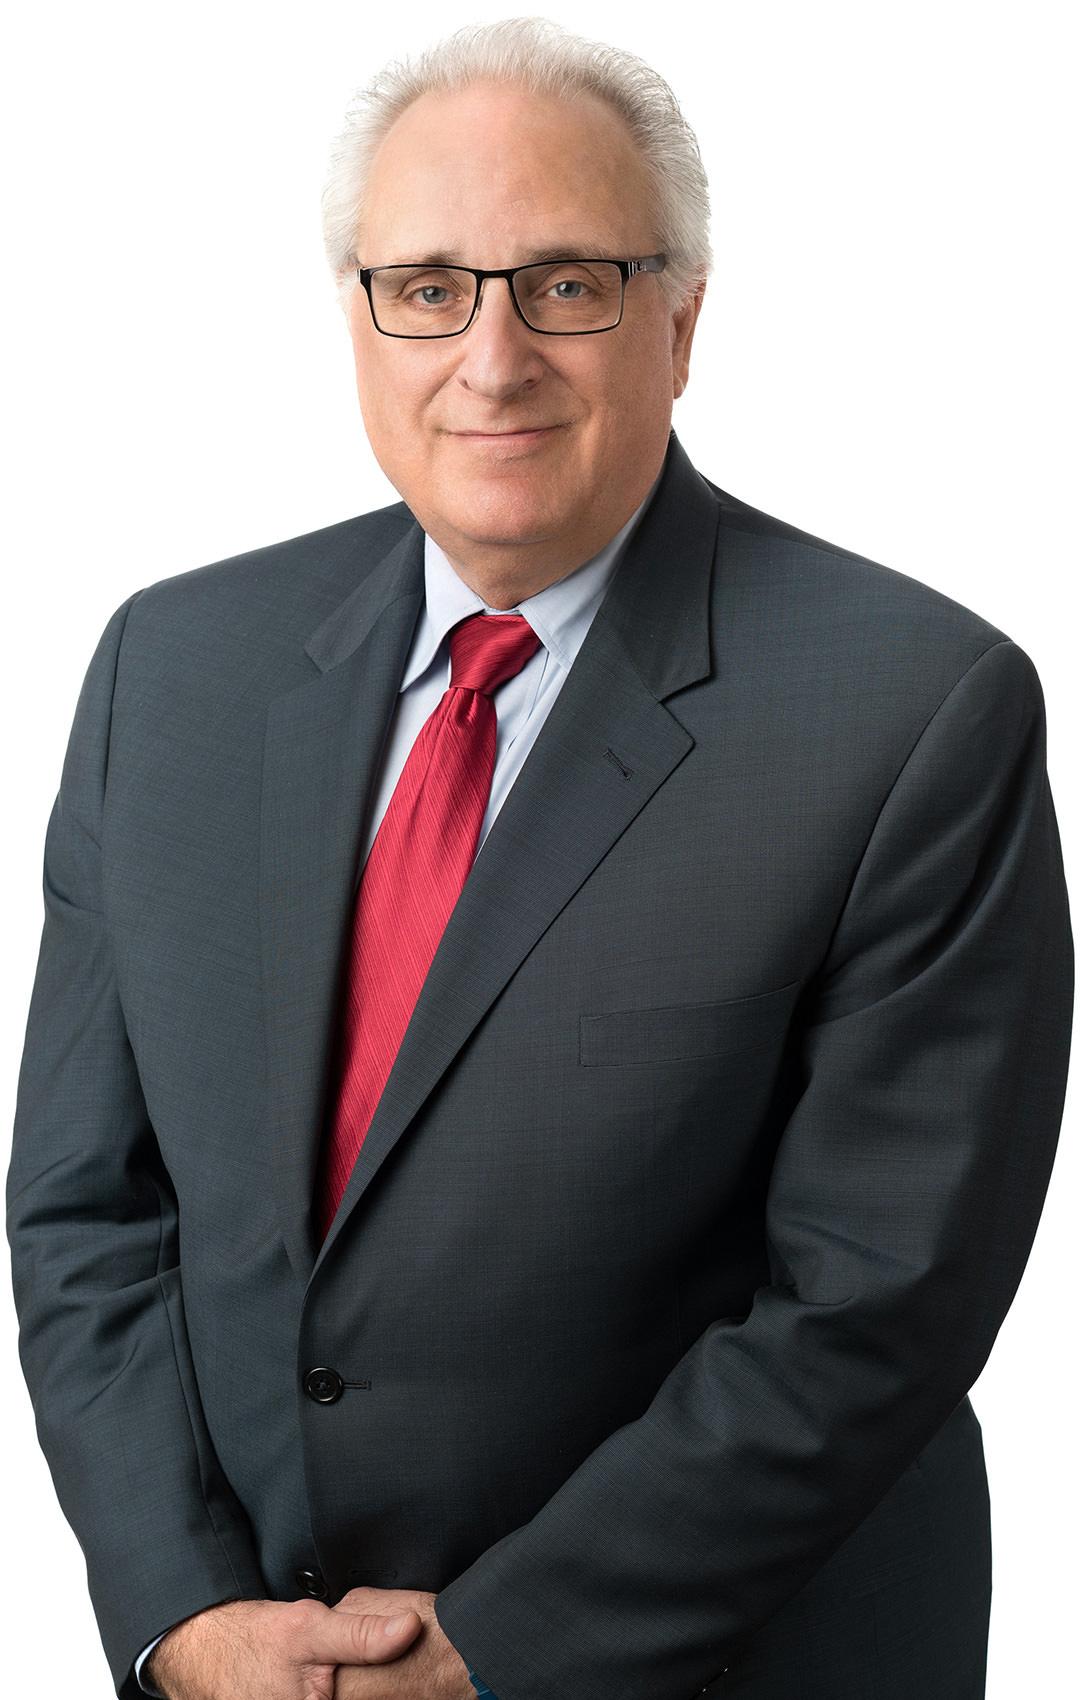 Ron Klink